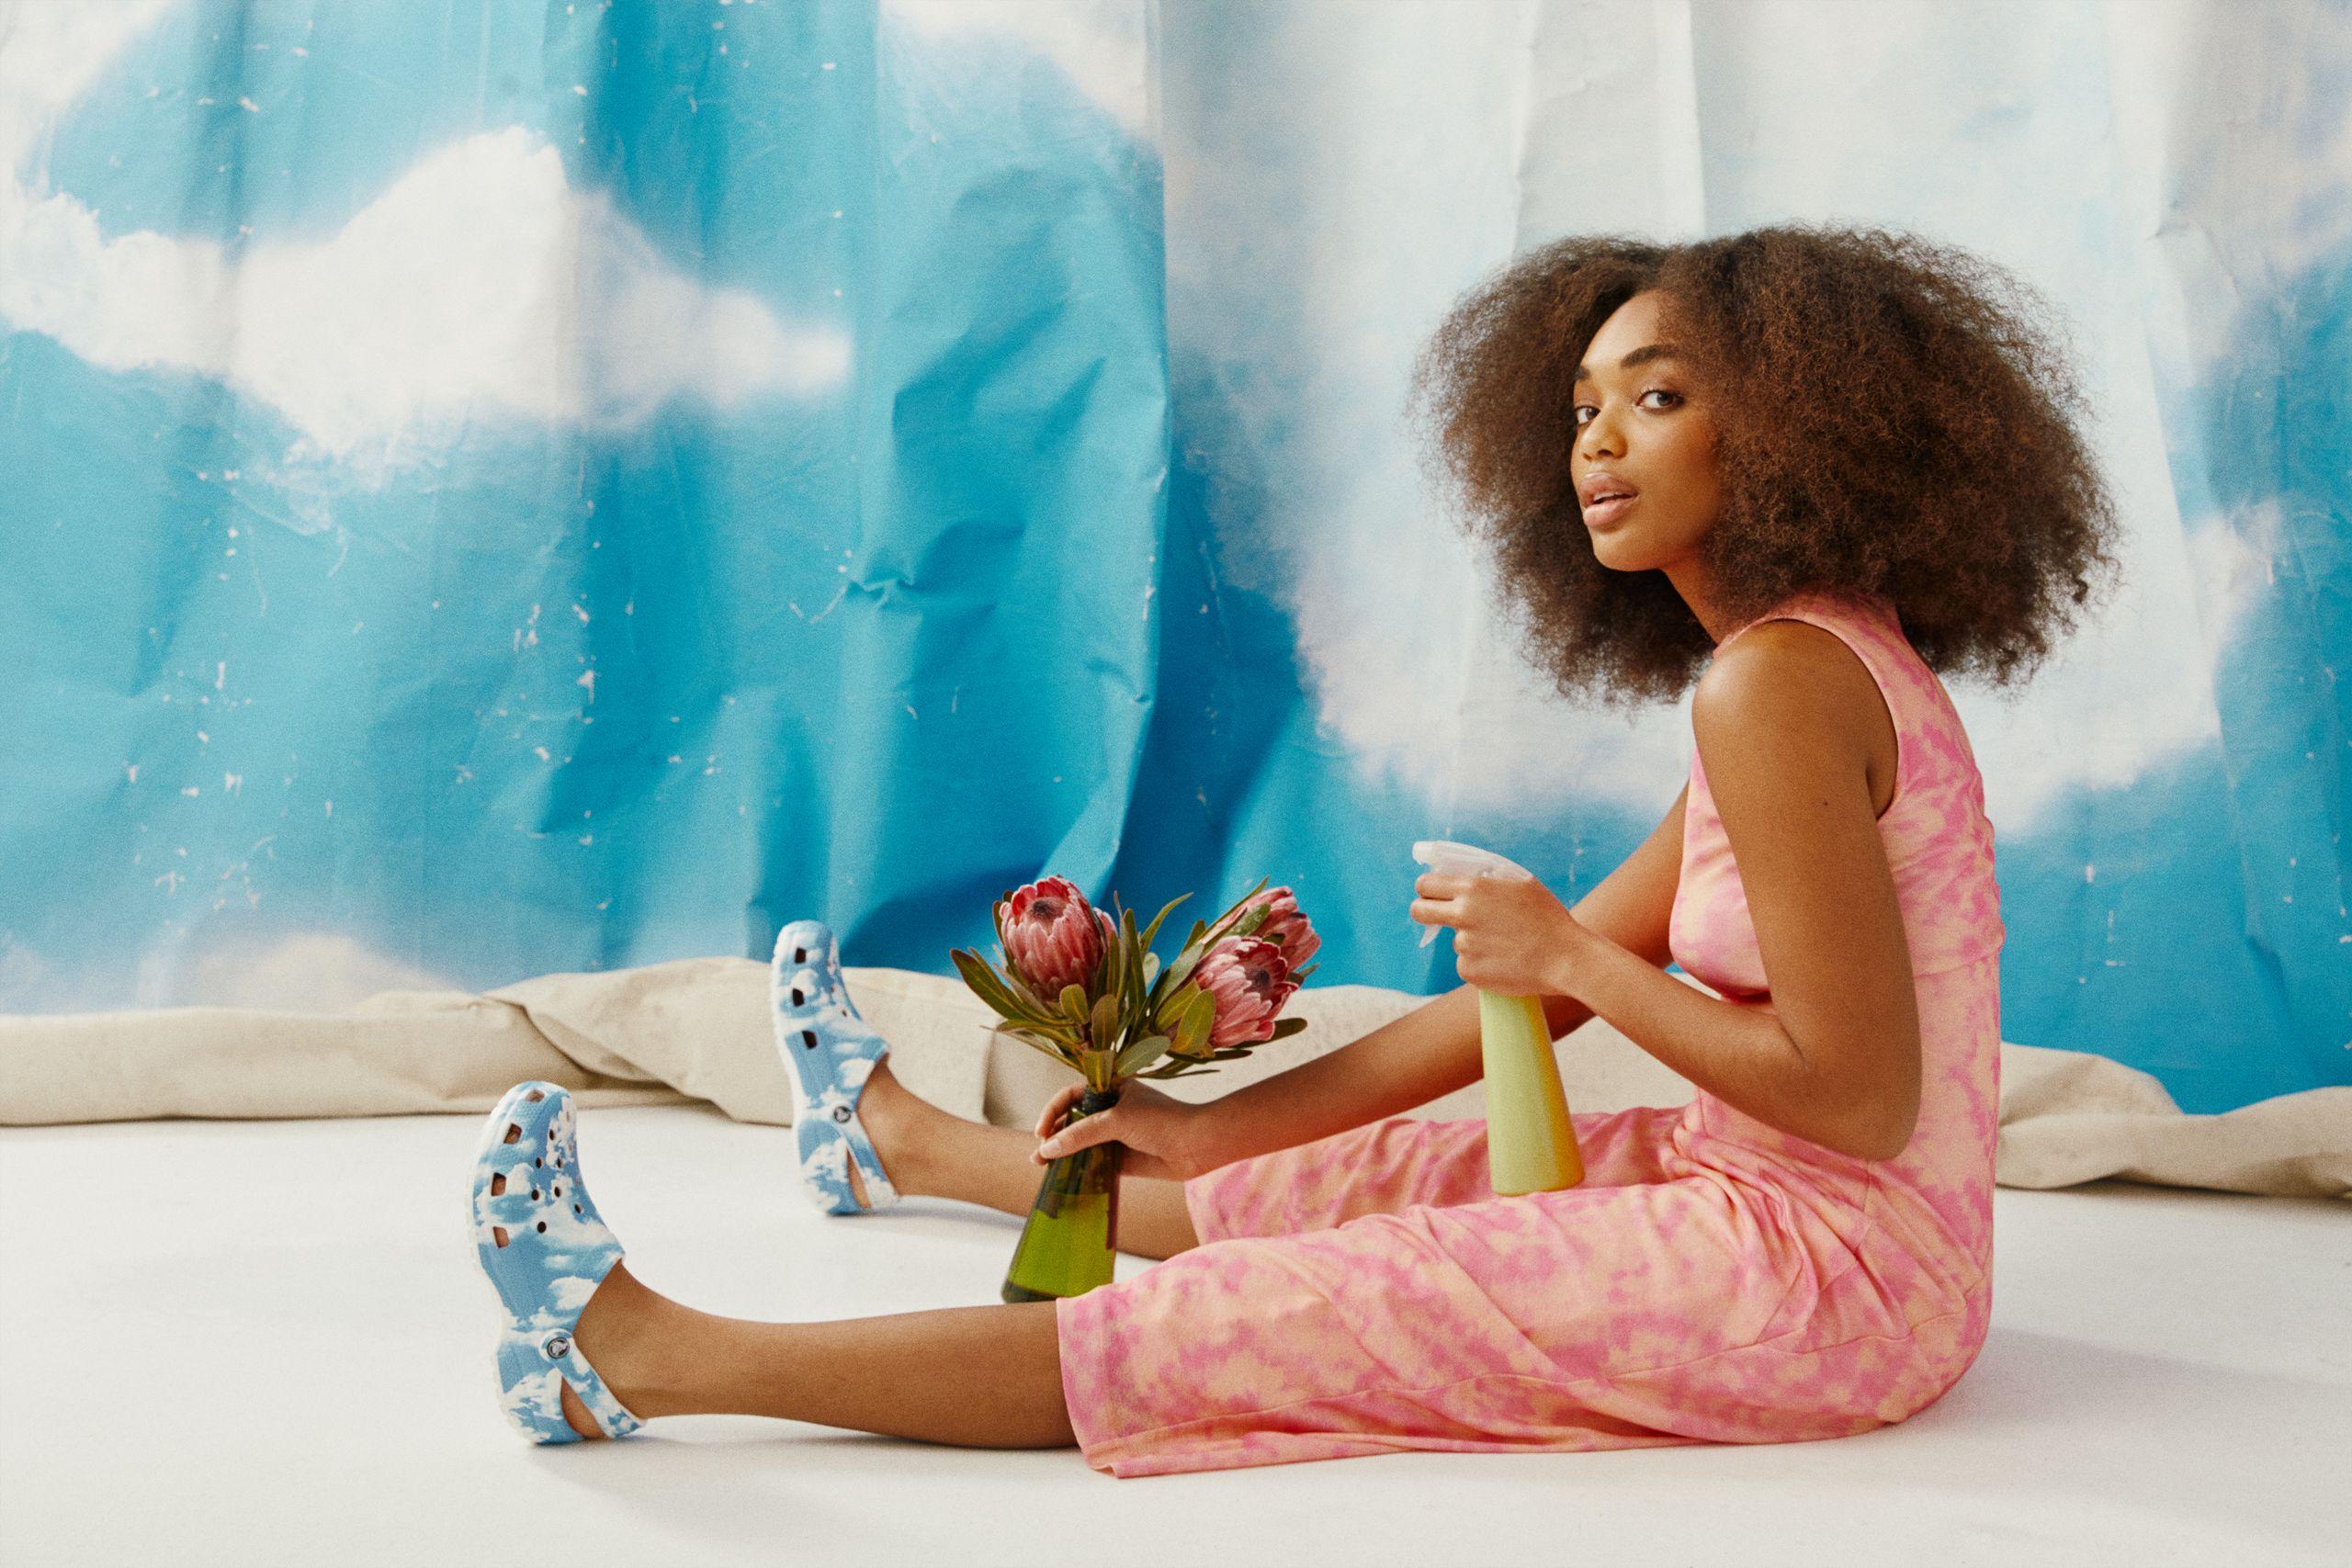 Femme assise sur un vélo blanc avec la toile peinte d'un ciel bleu et de nuages blancs derrière elle. Elle porte des crocs de ciel bleu et de nuages blancs avec une robe rose, elle est sur le point de pulvériser les fleurs qu'elle tient.